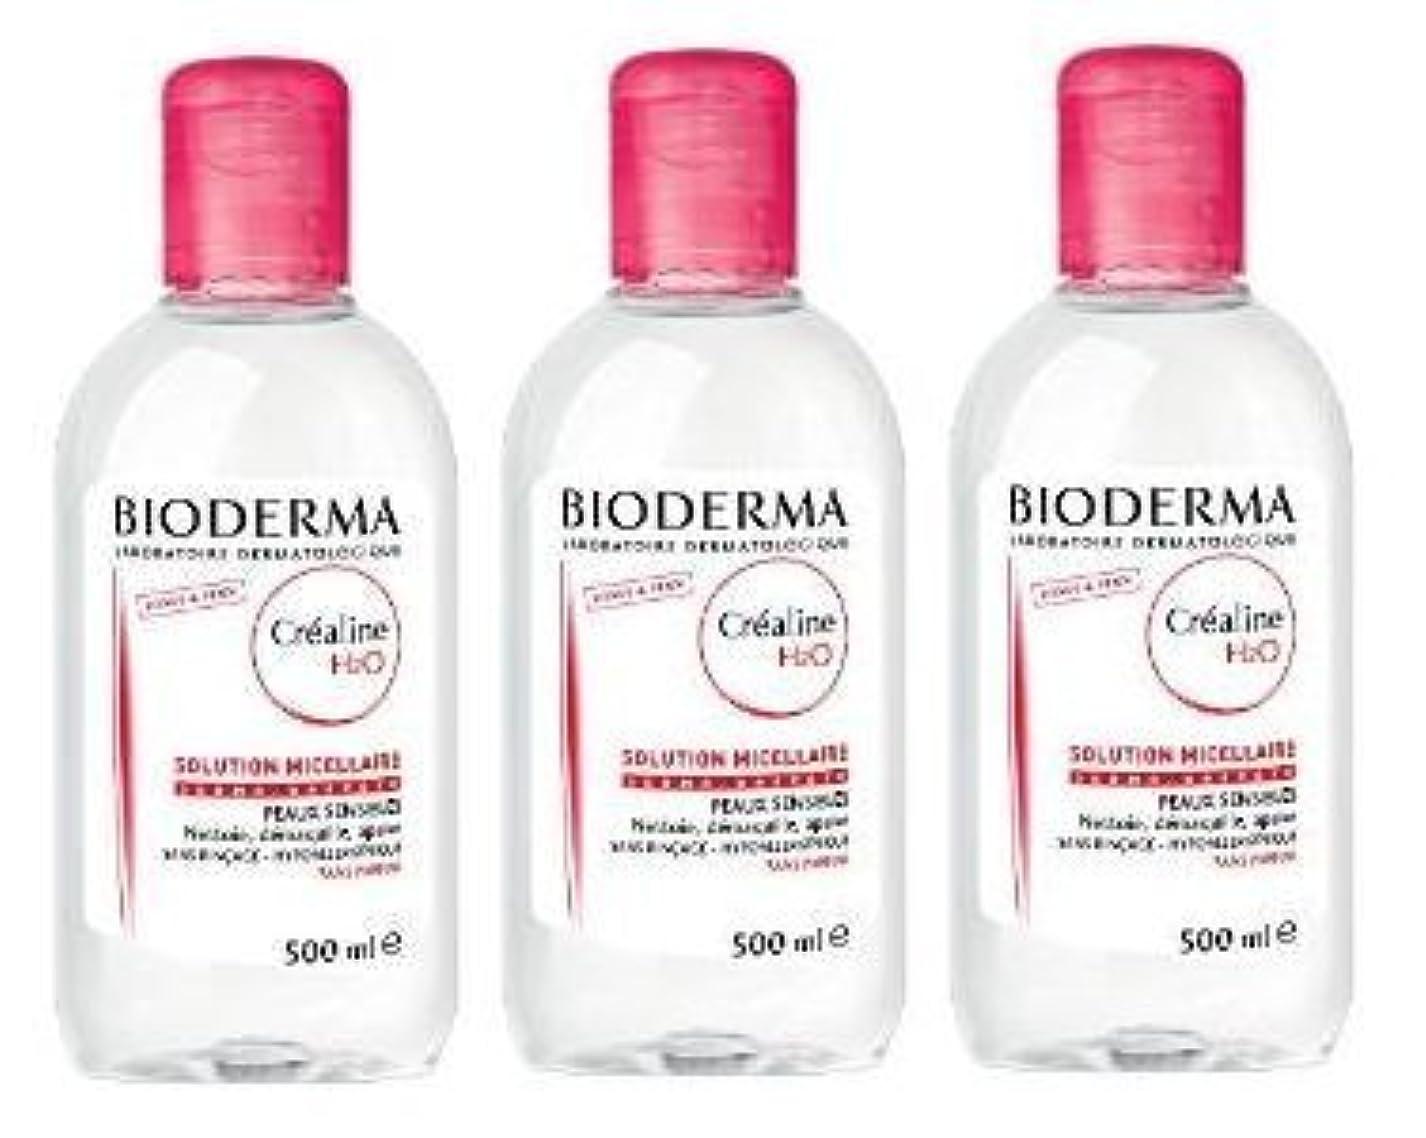 ビオデルマ(BIODERMA) サンシビオ H2O D(Crealine H2O)500ml 3本セット[並行輸入品]